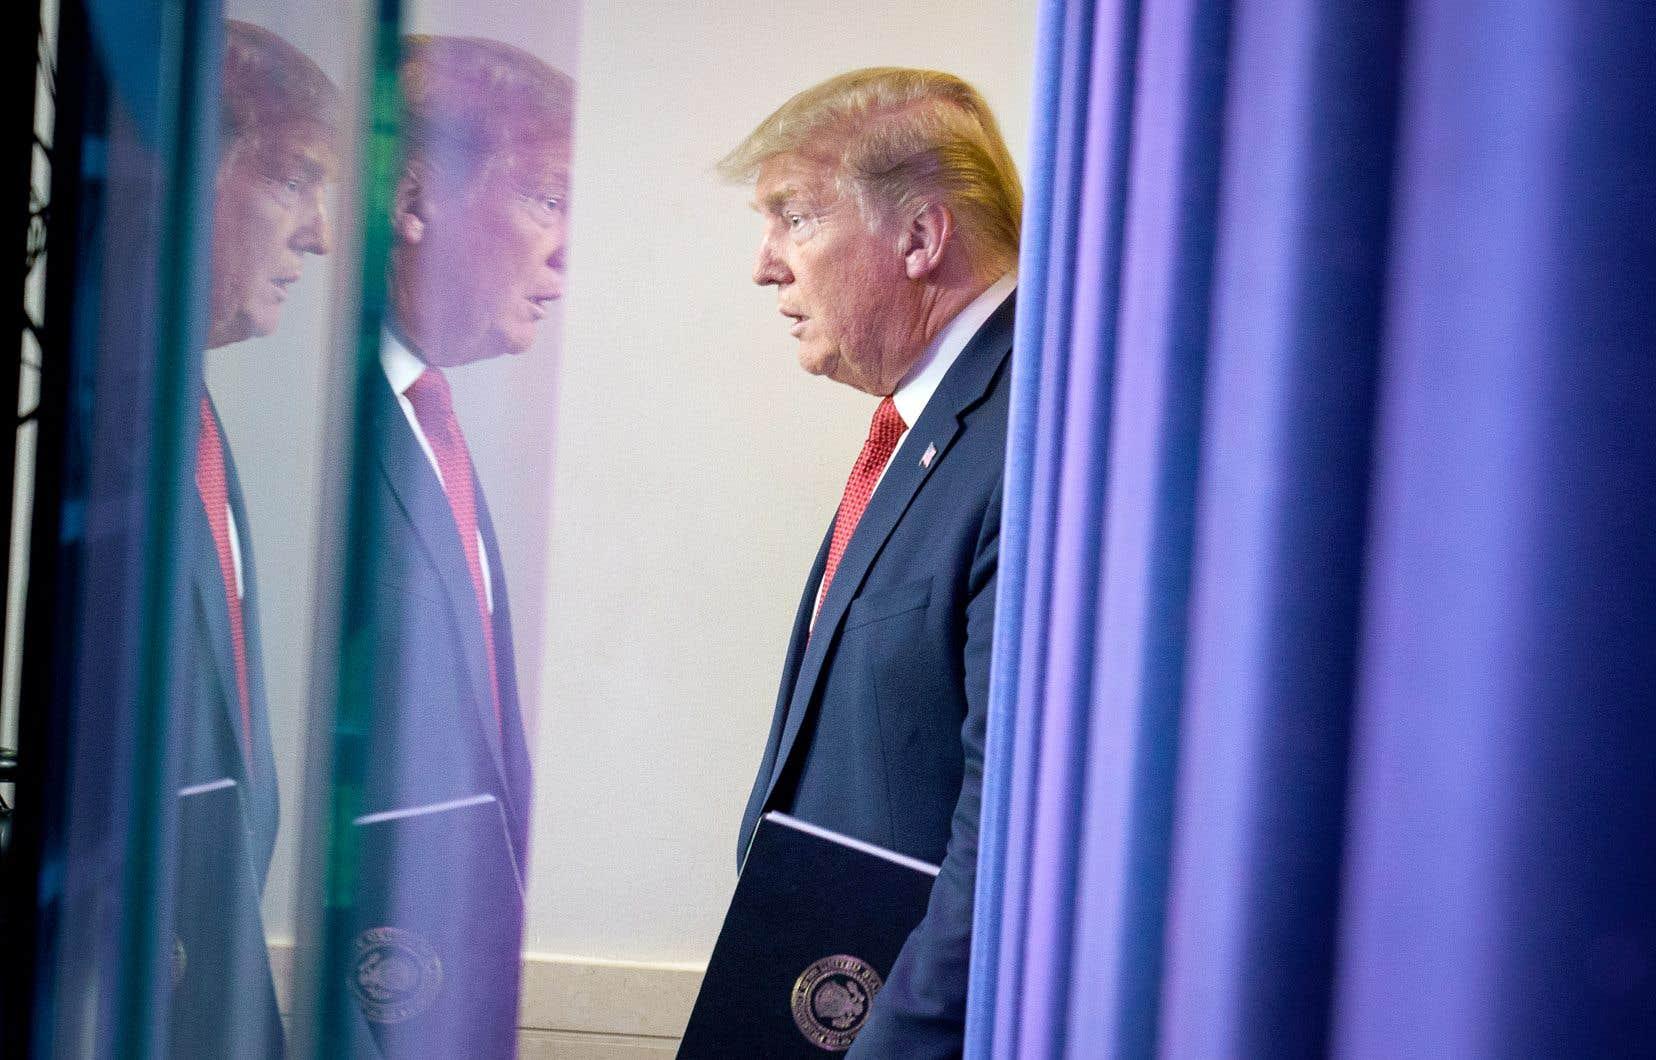 Le camp républicain se prépare à lancer sa première offensive médiatique pour la réélection de Donald Trump avec des publicités télévisées «vantant la bonne gestion de la crise du coronavirus par le président américain», ont rapporté des médias spécialisés jeudi.